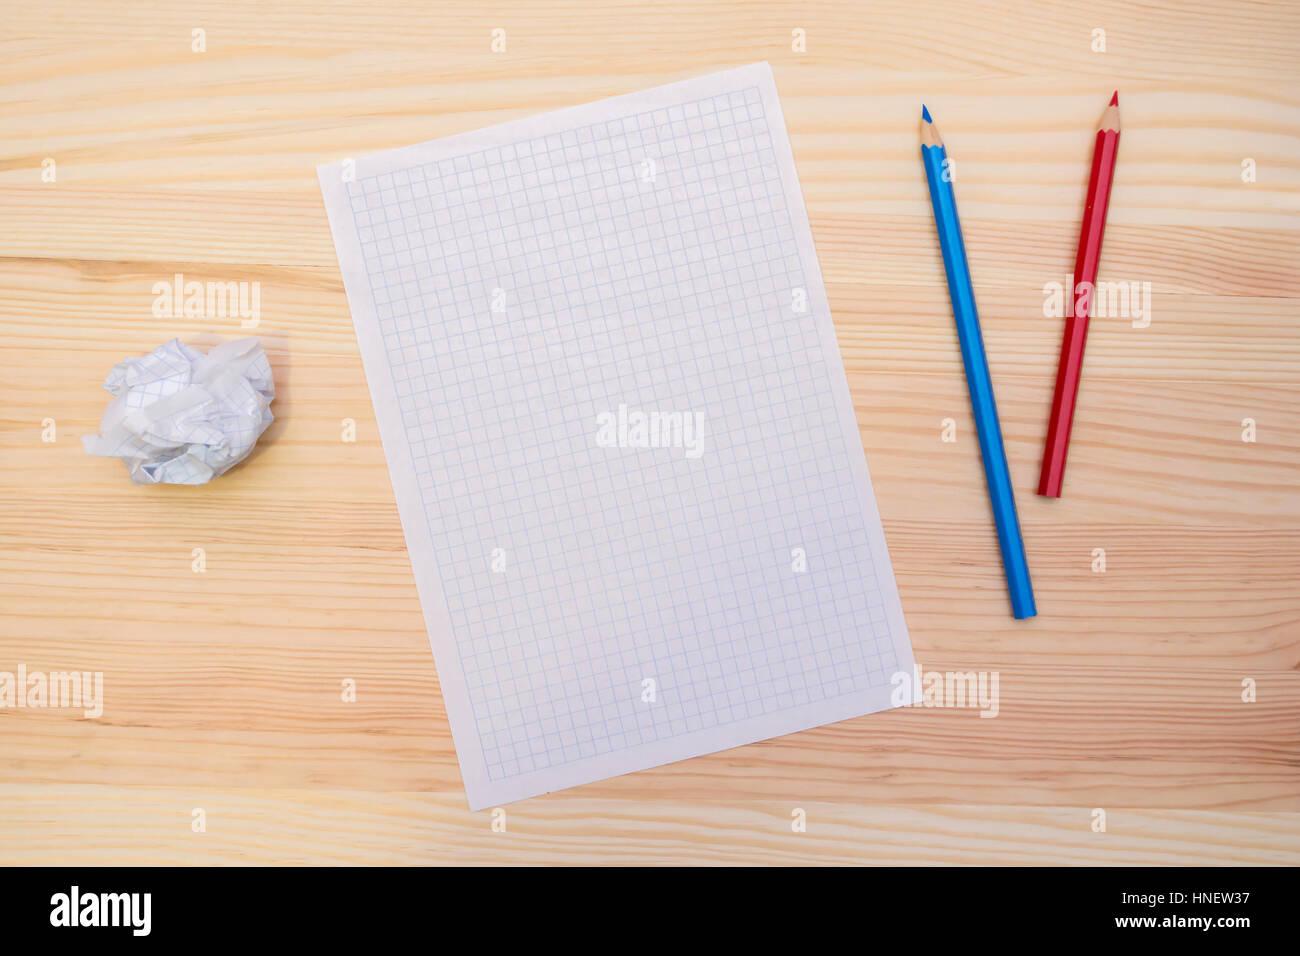 une feuille de papier et crayons sur la table en bois